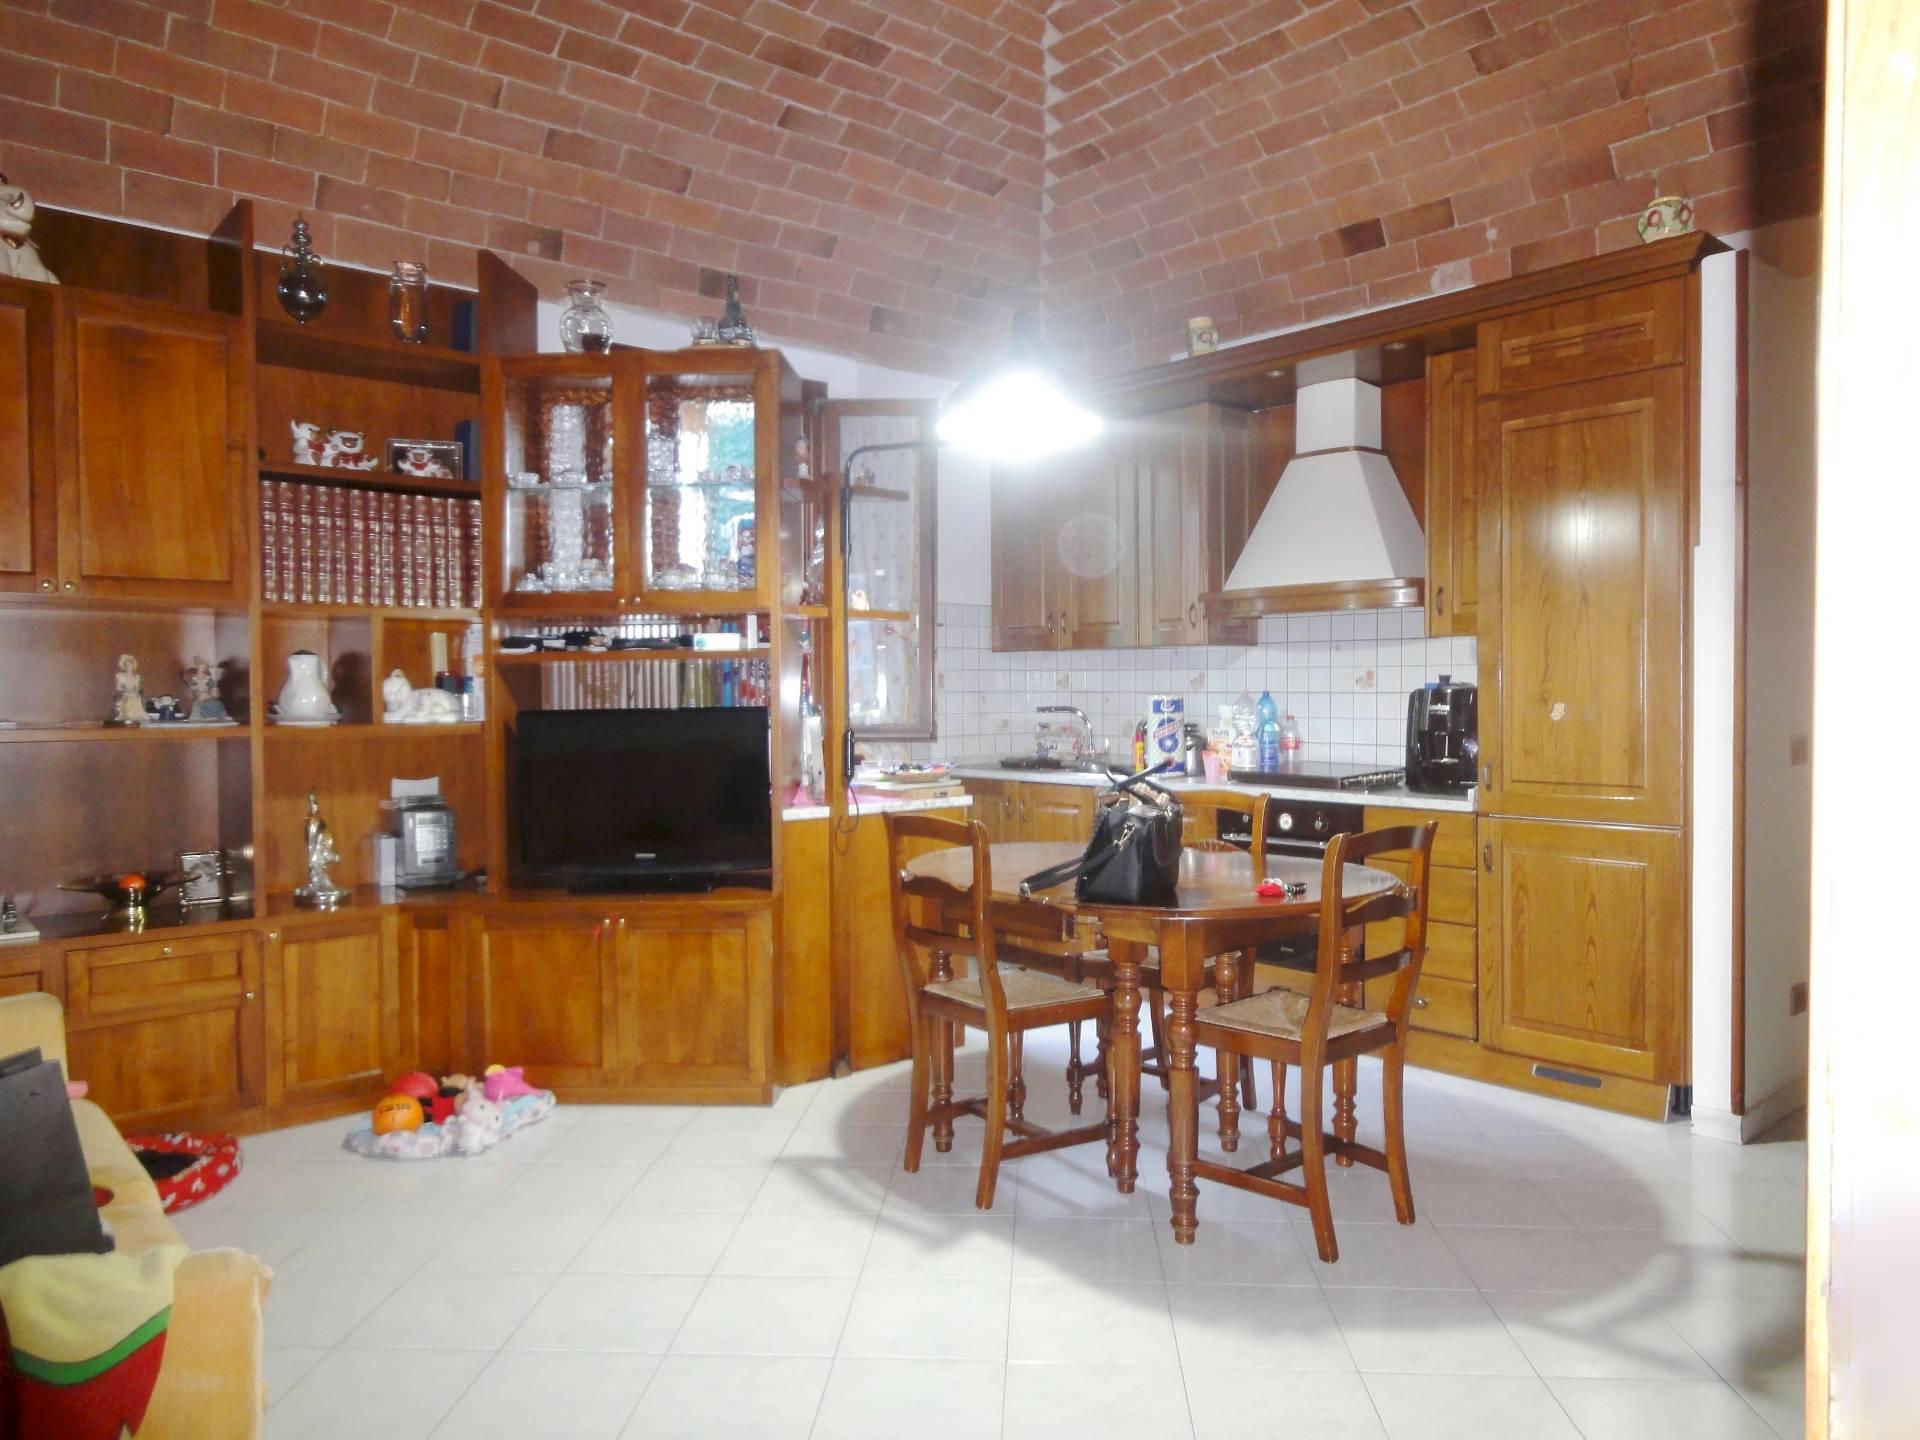 Appartamento in vendita a Pontedera, 3 locali, zona Località: LaRotta, prezzo € 65.000 | CambioCasa.it